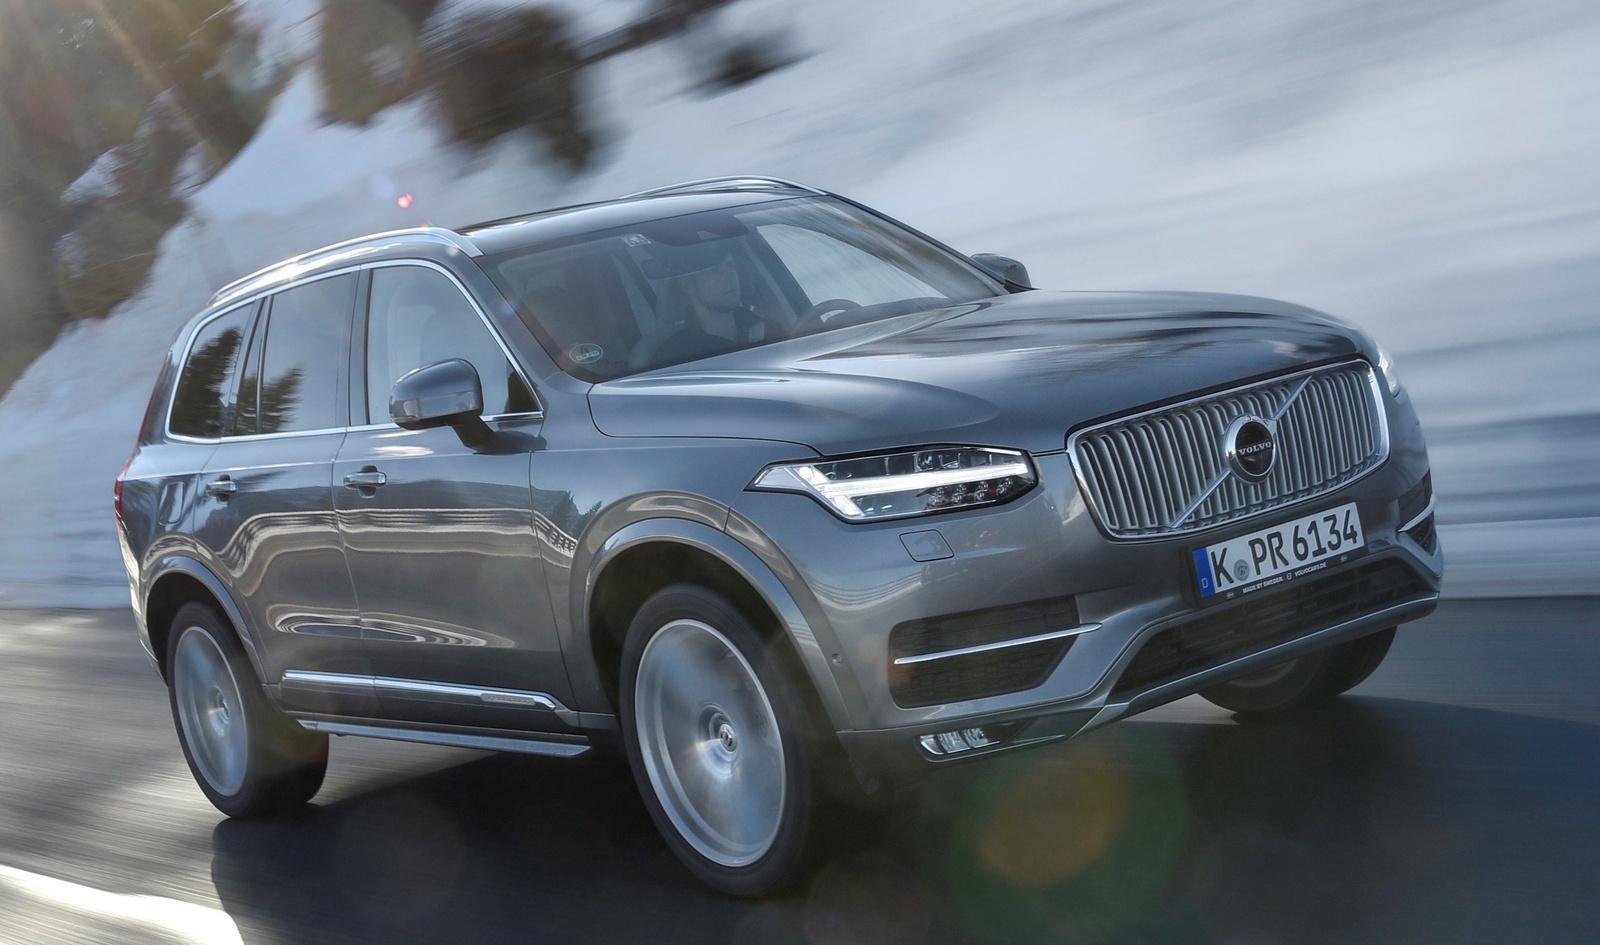 Prima Volvo elettrica nel 2019 con 400 km di autonomia ...